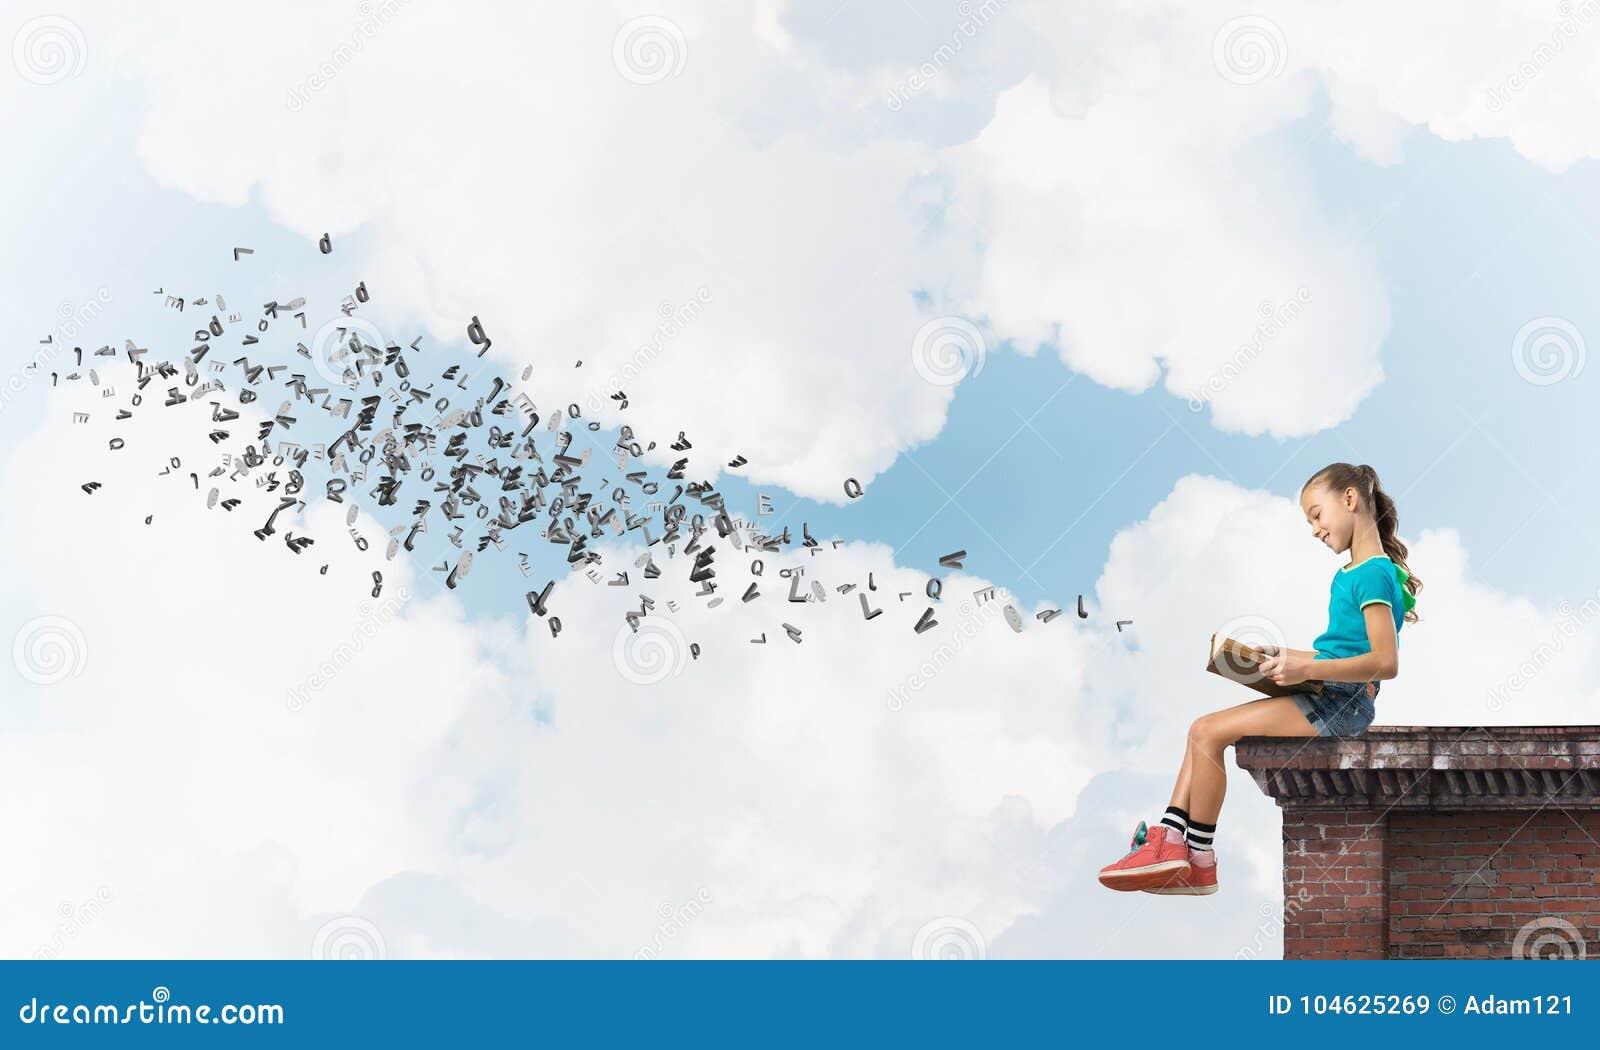 Download Concept Achteloze Gelukkige Kinderjaren Met Meisje Die Deze Wereld Onderzoeken Stock Afbeelding - Afbeelding bestaande uit kaukasisch, moedig: 104625269